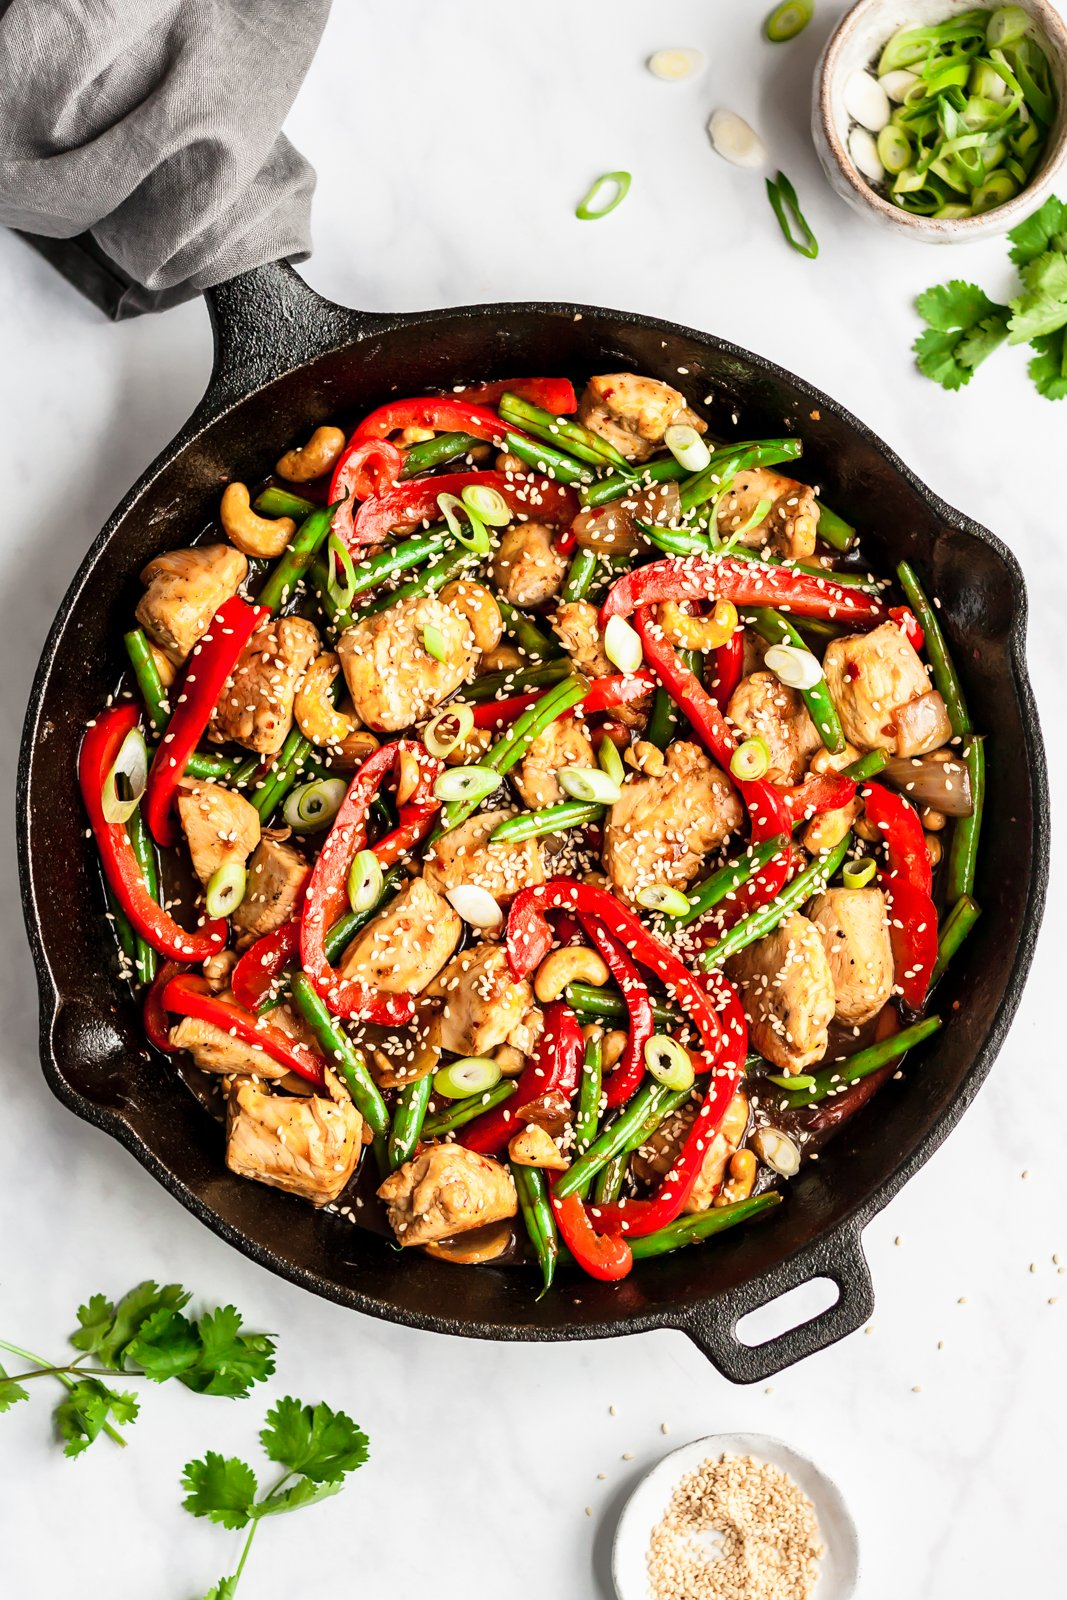 orange chicken stir fry in a skillet pan